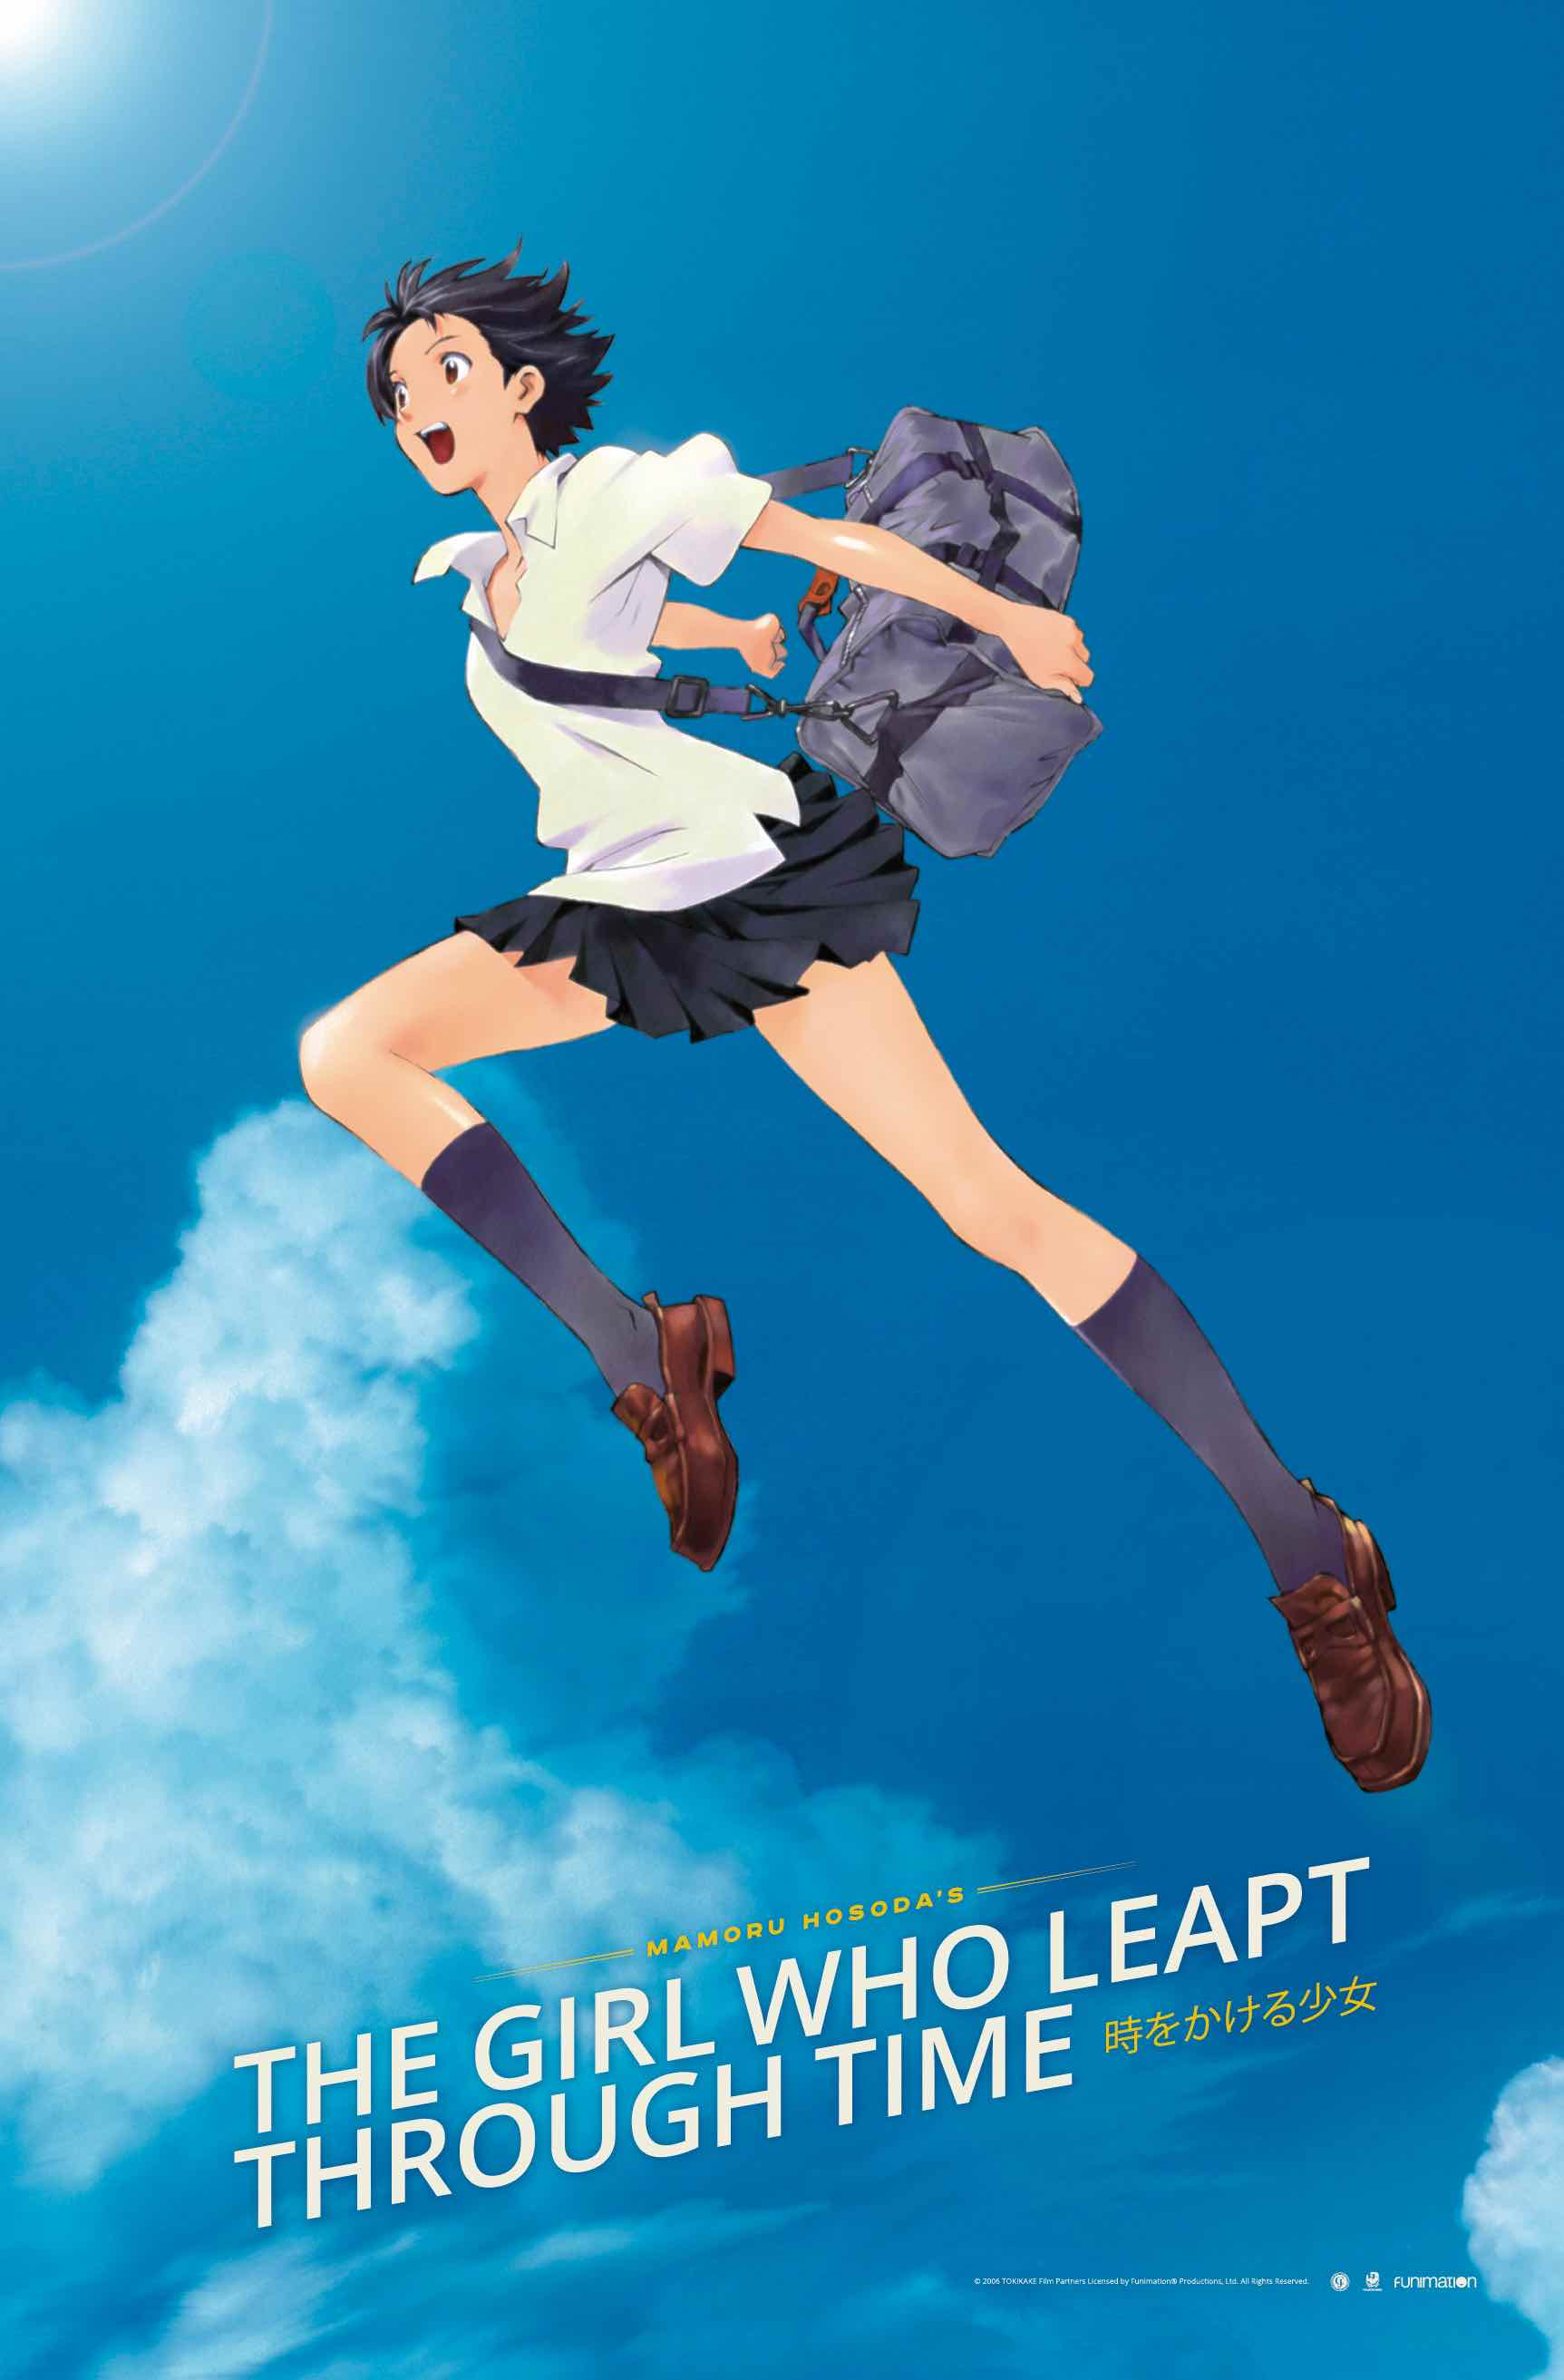 《跳耀吧!時空少女》